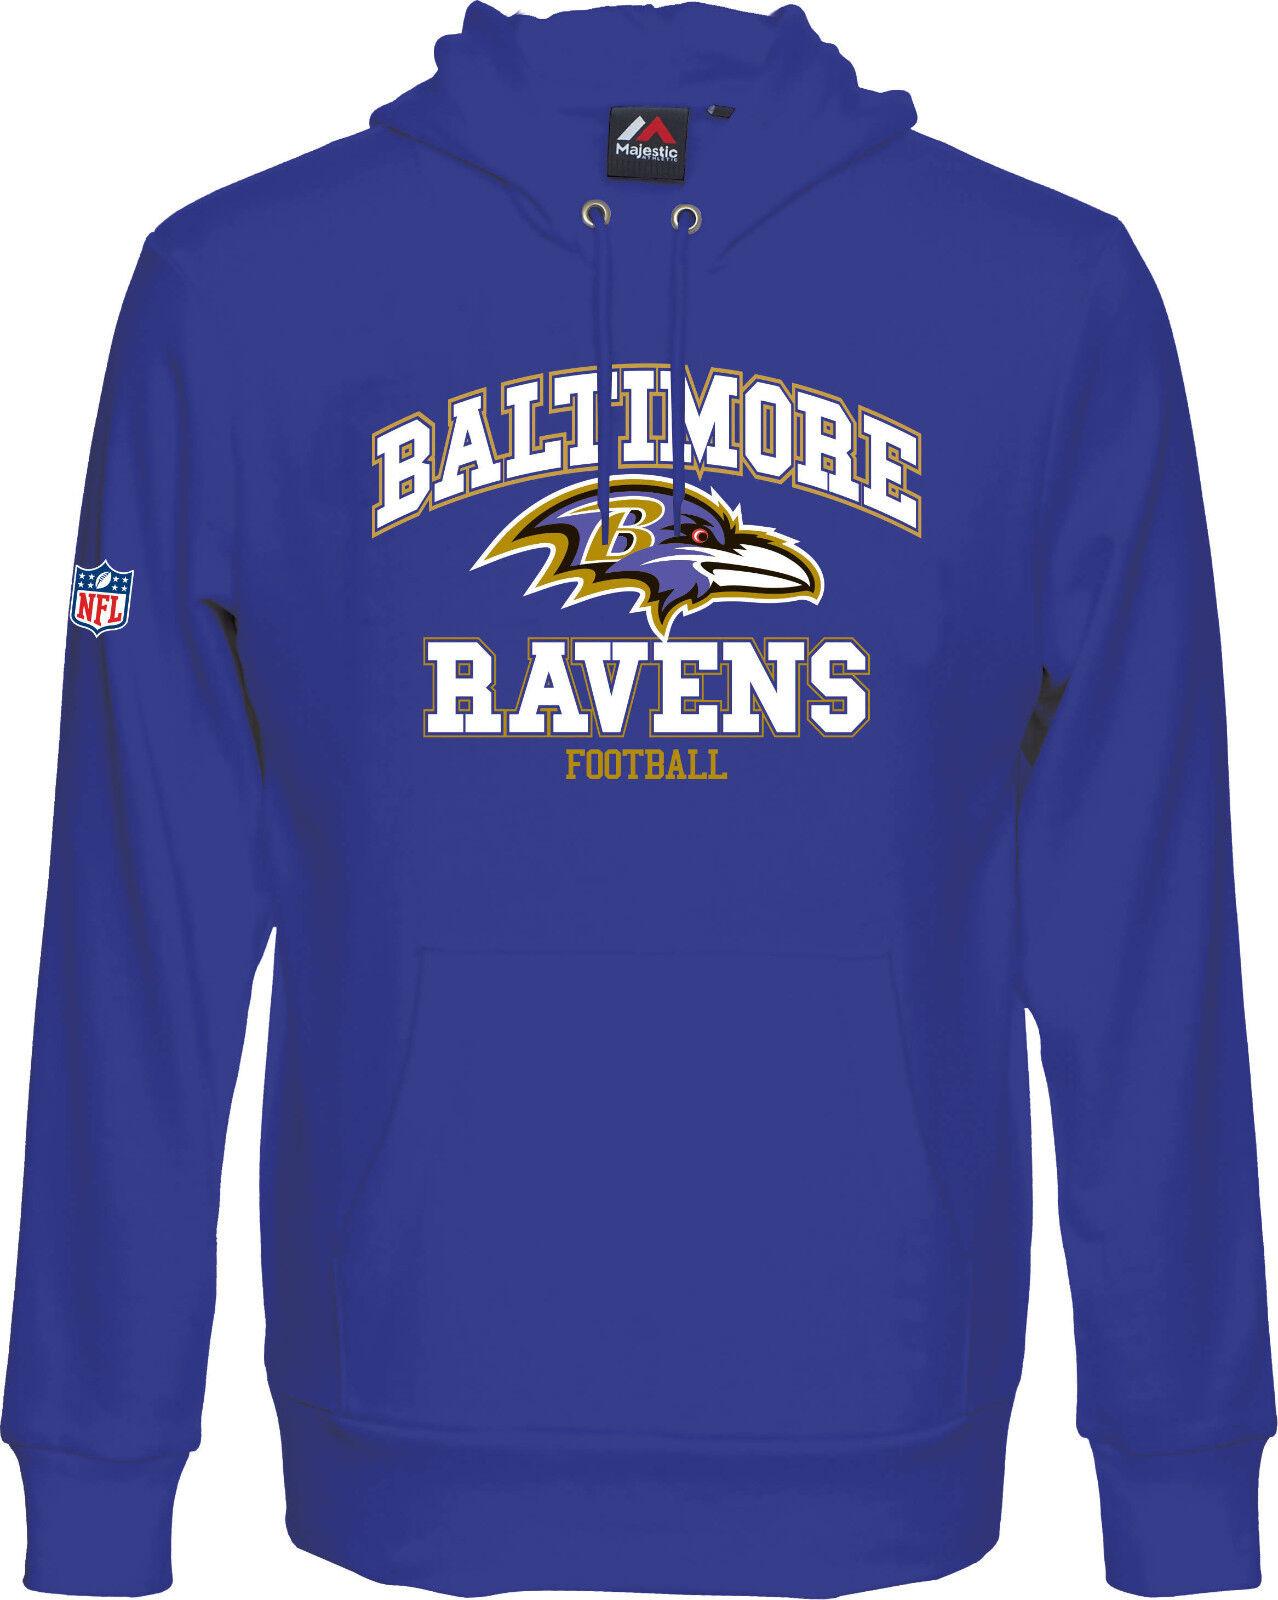 NFL FOOTBALL Baltimore Ravens Hoody Hoodie Hoodie Hoody kaputzenpullover Treser SWEATER 270e12